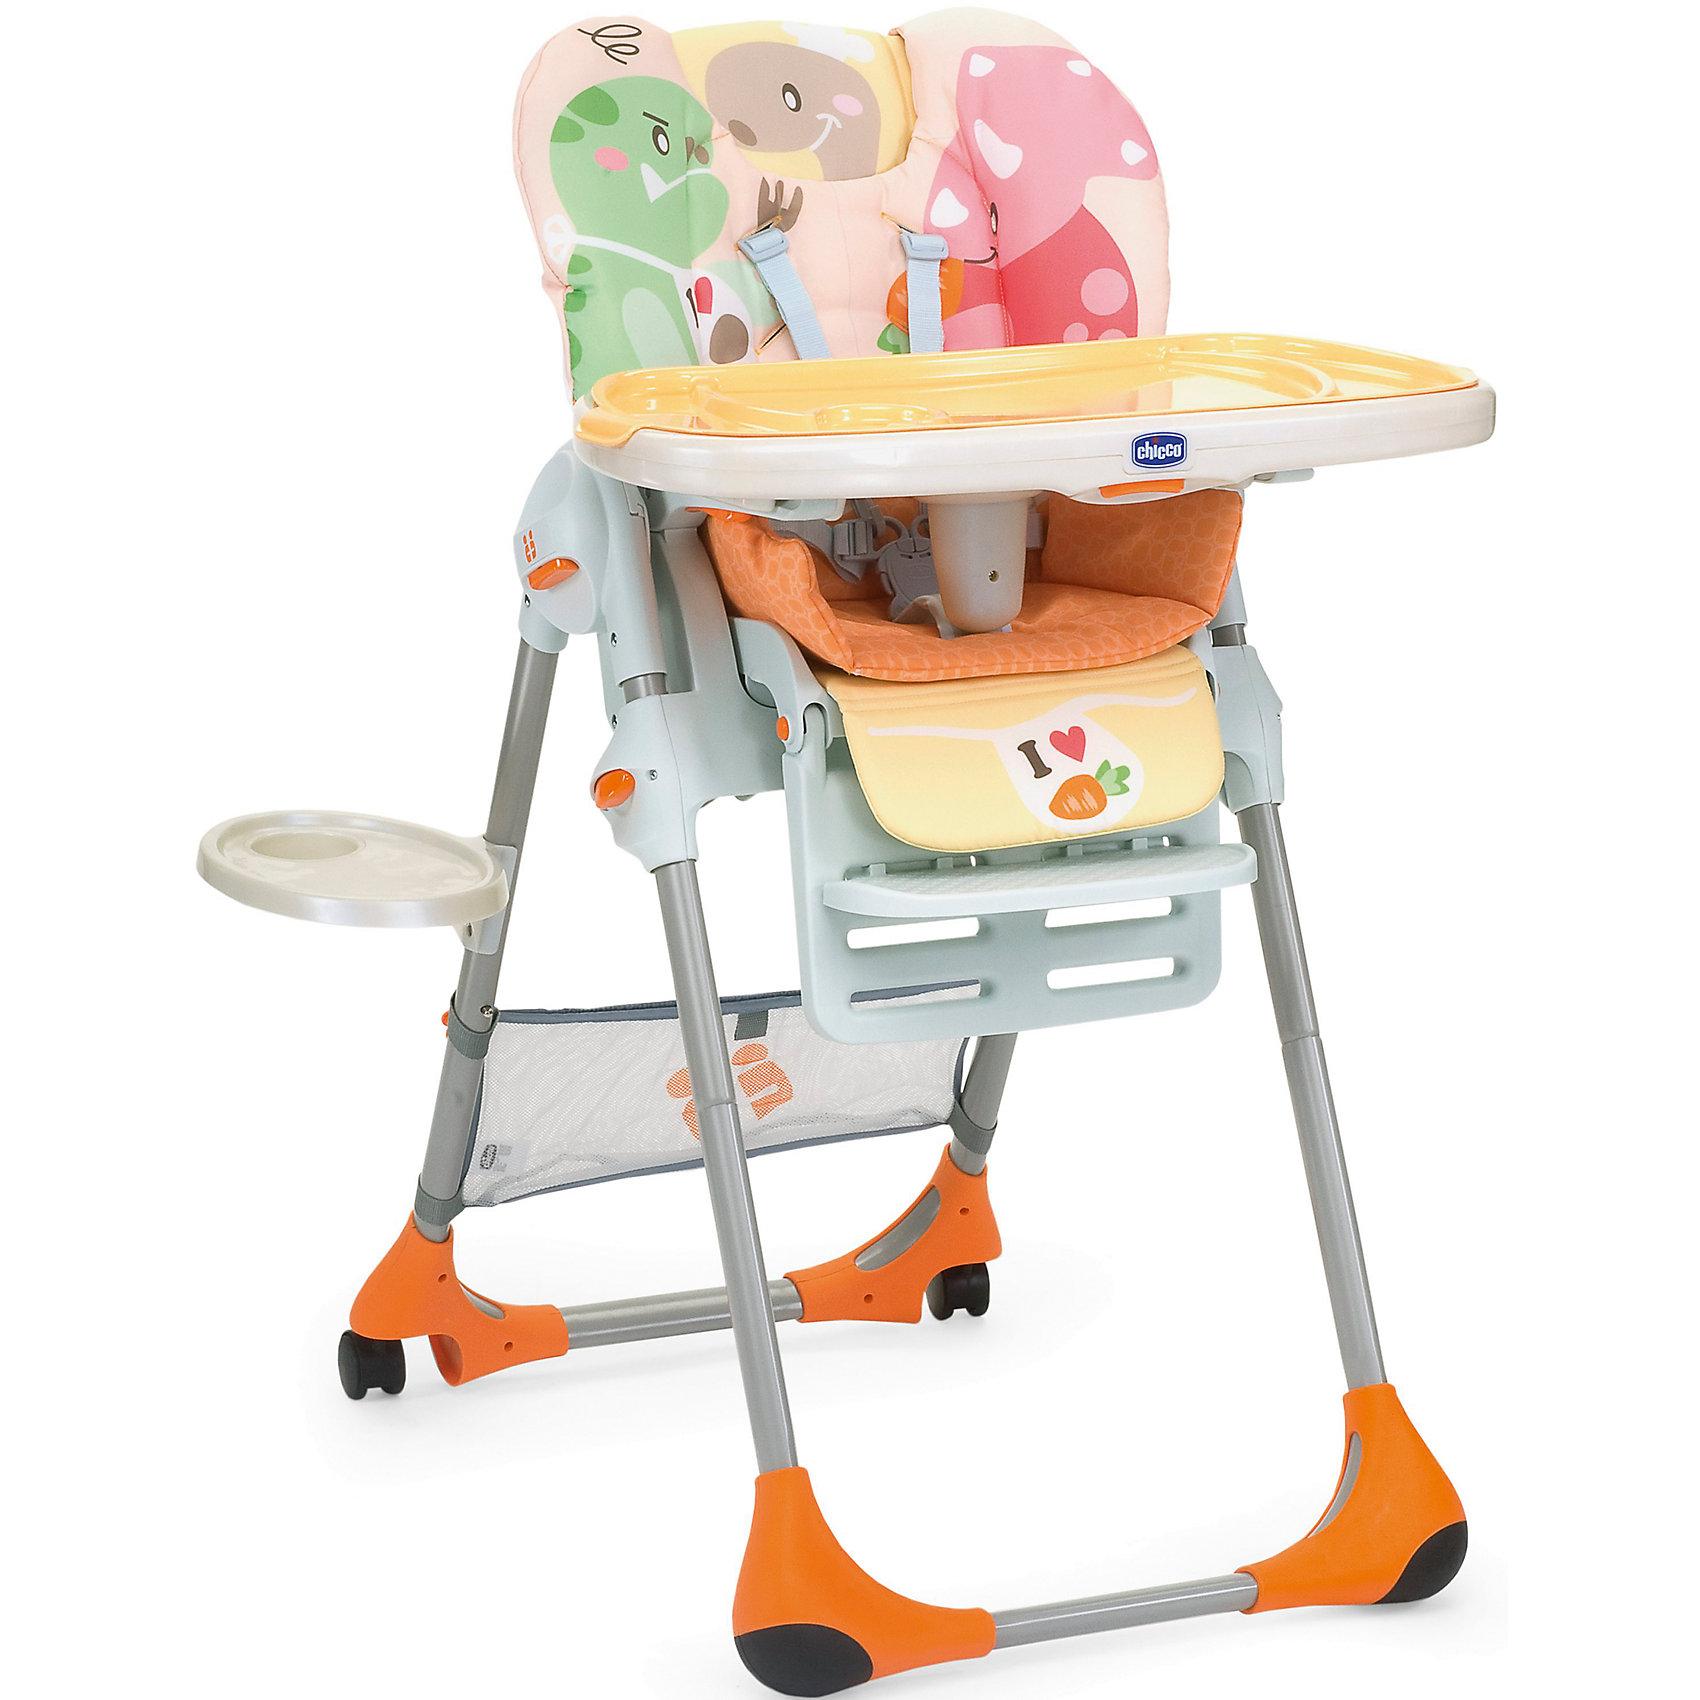 Съёмный поднос для POLLY, CHICCO, оранжевыйот +6 месяцев<br>Съемный поднос для стульчика Polly – отличная вещь для родителей, которые хотят обновить дизайн детского стульчика без серьезных затрат. Поднос защитит столик от загрязнений во время принятия пищи. Аксессуар легко очищается и снимается.  По бокам у подноса есть защелки, которые прочно крепят его к столику, защищая поднос от падения. У представленной модели присутствуют ограничители для тарелочек и чашки малыша. Материалы, использованные при изготовлении подноса, отвечают всем современным требованиям к качеству и безопасности детских товаров.<br><br>Дополнительная информация:<br><br>материал: пластик;<br>цвет: оранжевый;<br>аксессуар подходит для стульчика Polly 2 в 1.<br><br>Съемный поднос для Polly фирмы CHICCO можно купить в нашем магазине.<br><br>Ширина мм: 660<br>Глубина мм: 330<br>Высота мм: 25<br>Вес г: 450<br>Возраст от месяцев: 6<br>Возраст до месяцев: 12<br>Пол: Унисекс<br>Возраст: Детский<br>SKU: 4964755